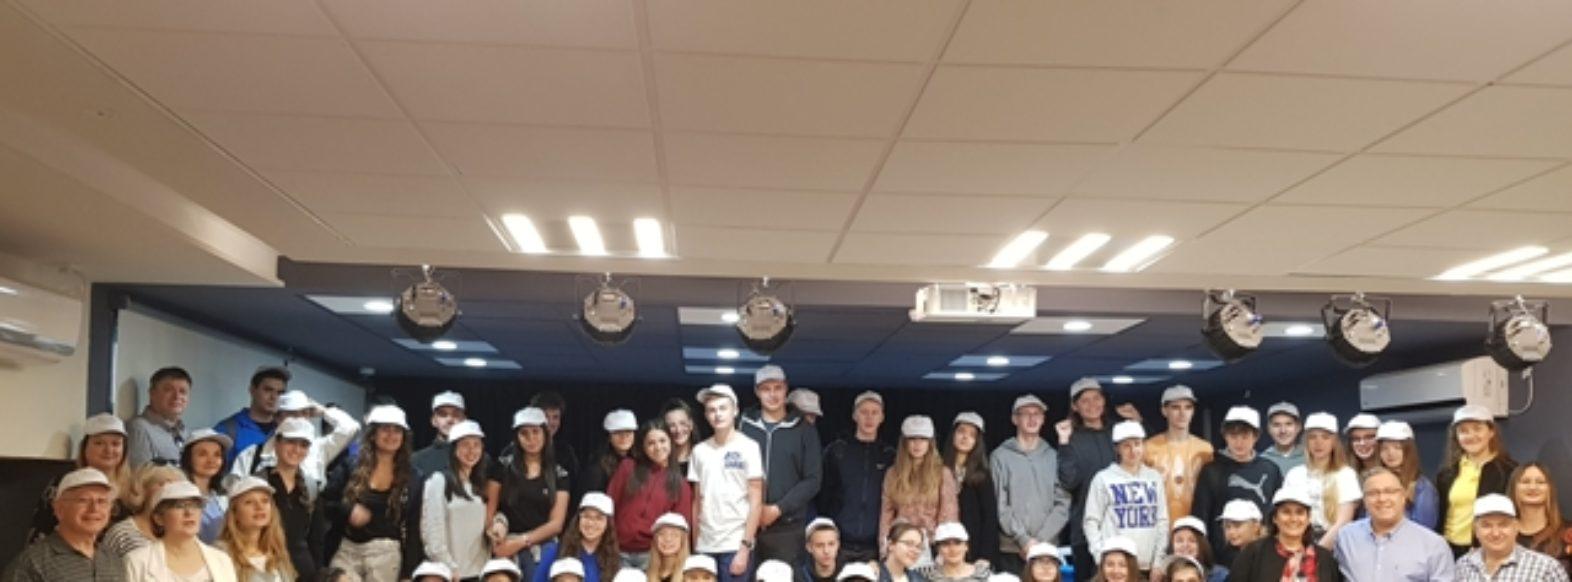 משלחת תלמידים מהעיר התאומה רדומסקו מתארחת בקריית ביאליק